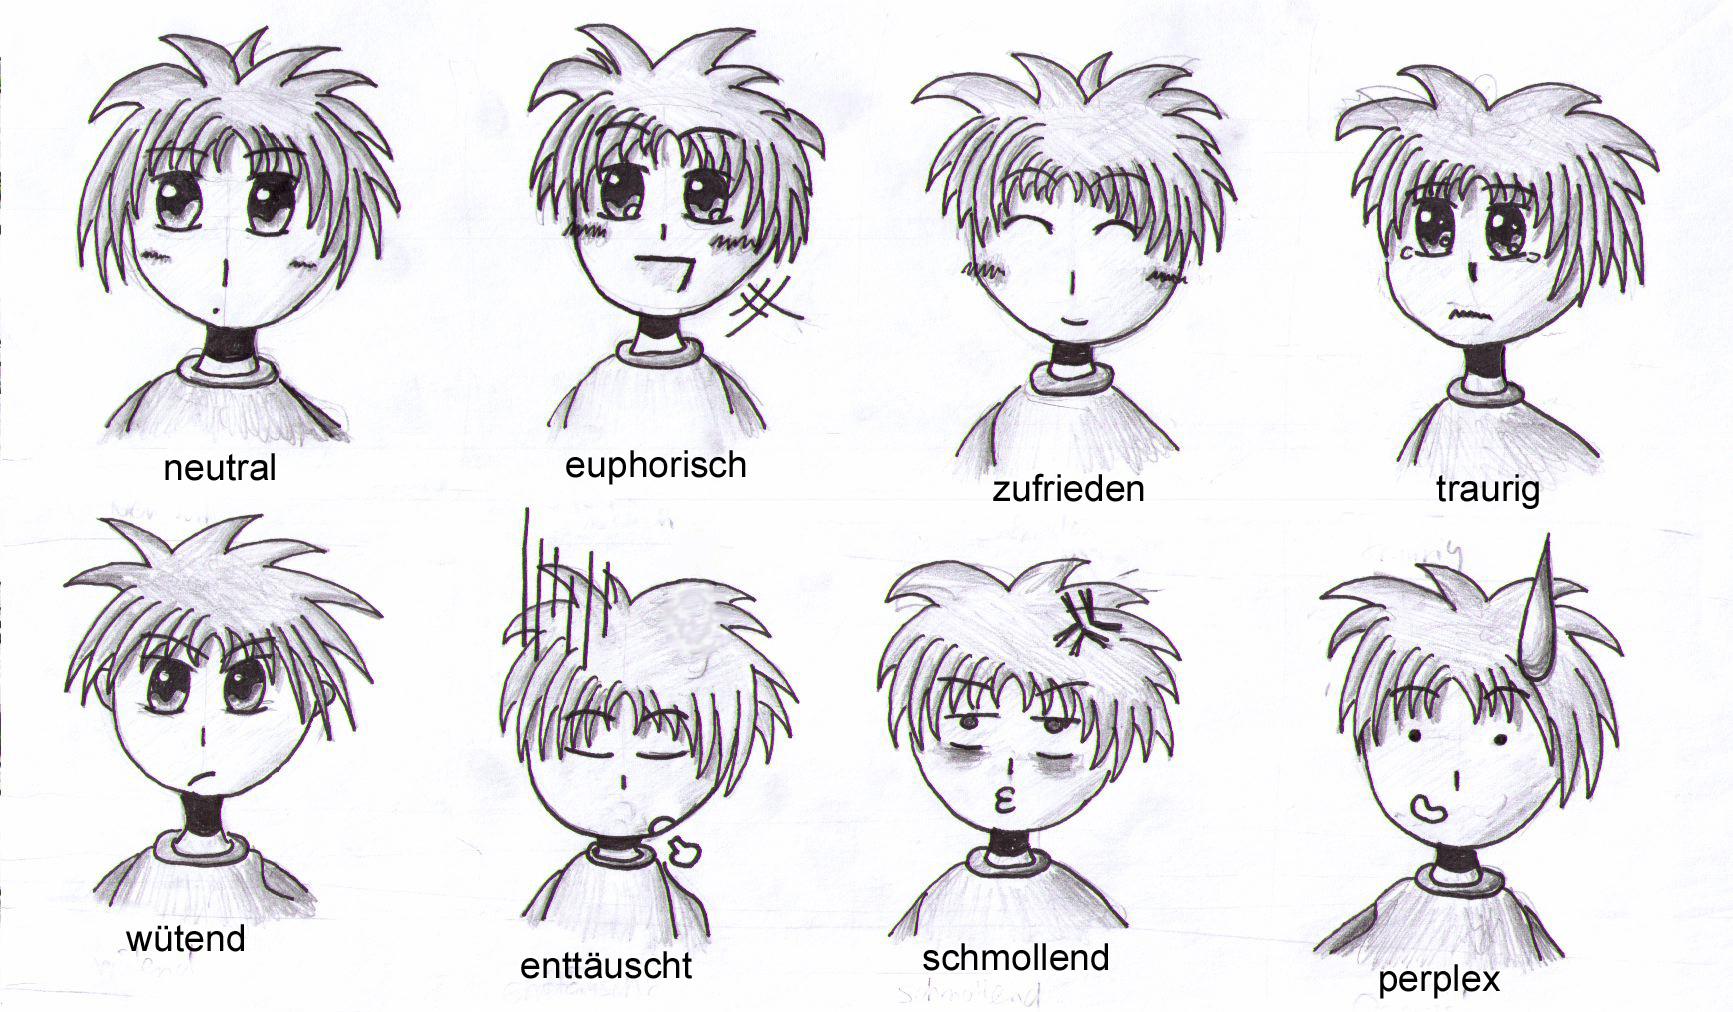 6 Webs Para Aprender A Dibujar Manga Inuyasha Carboncillo